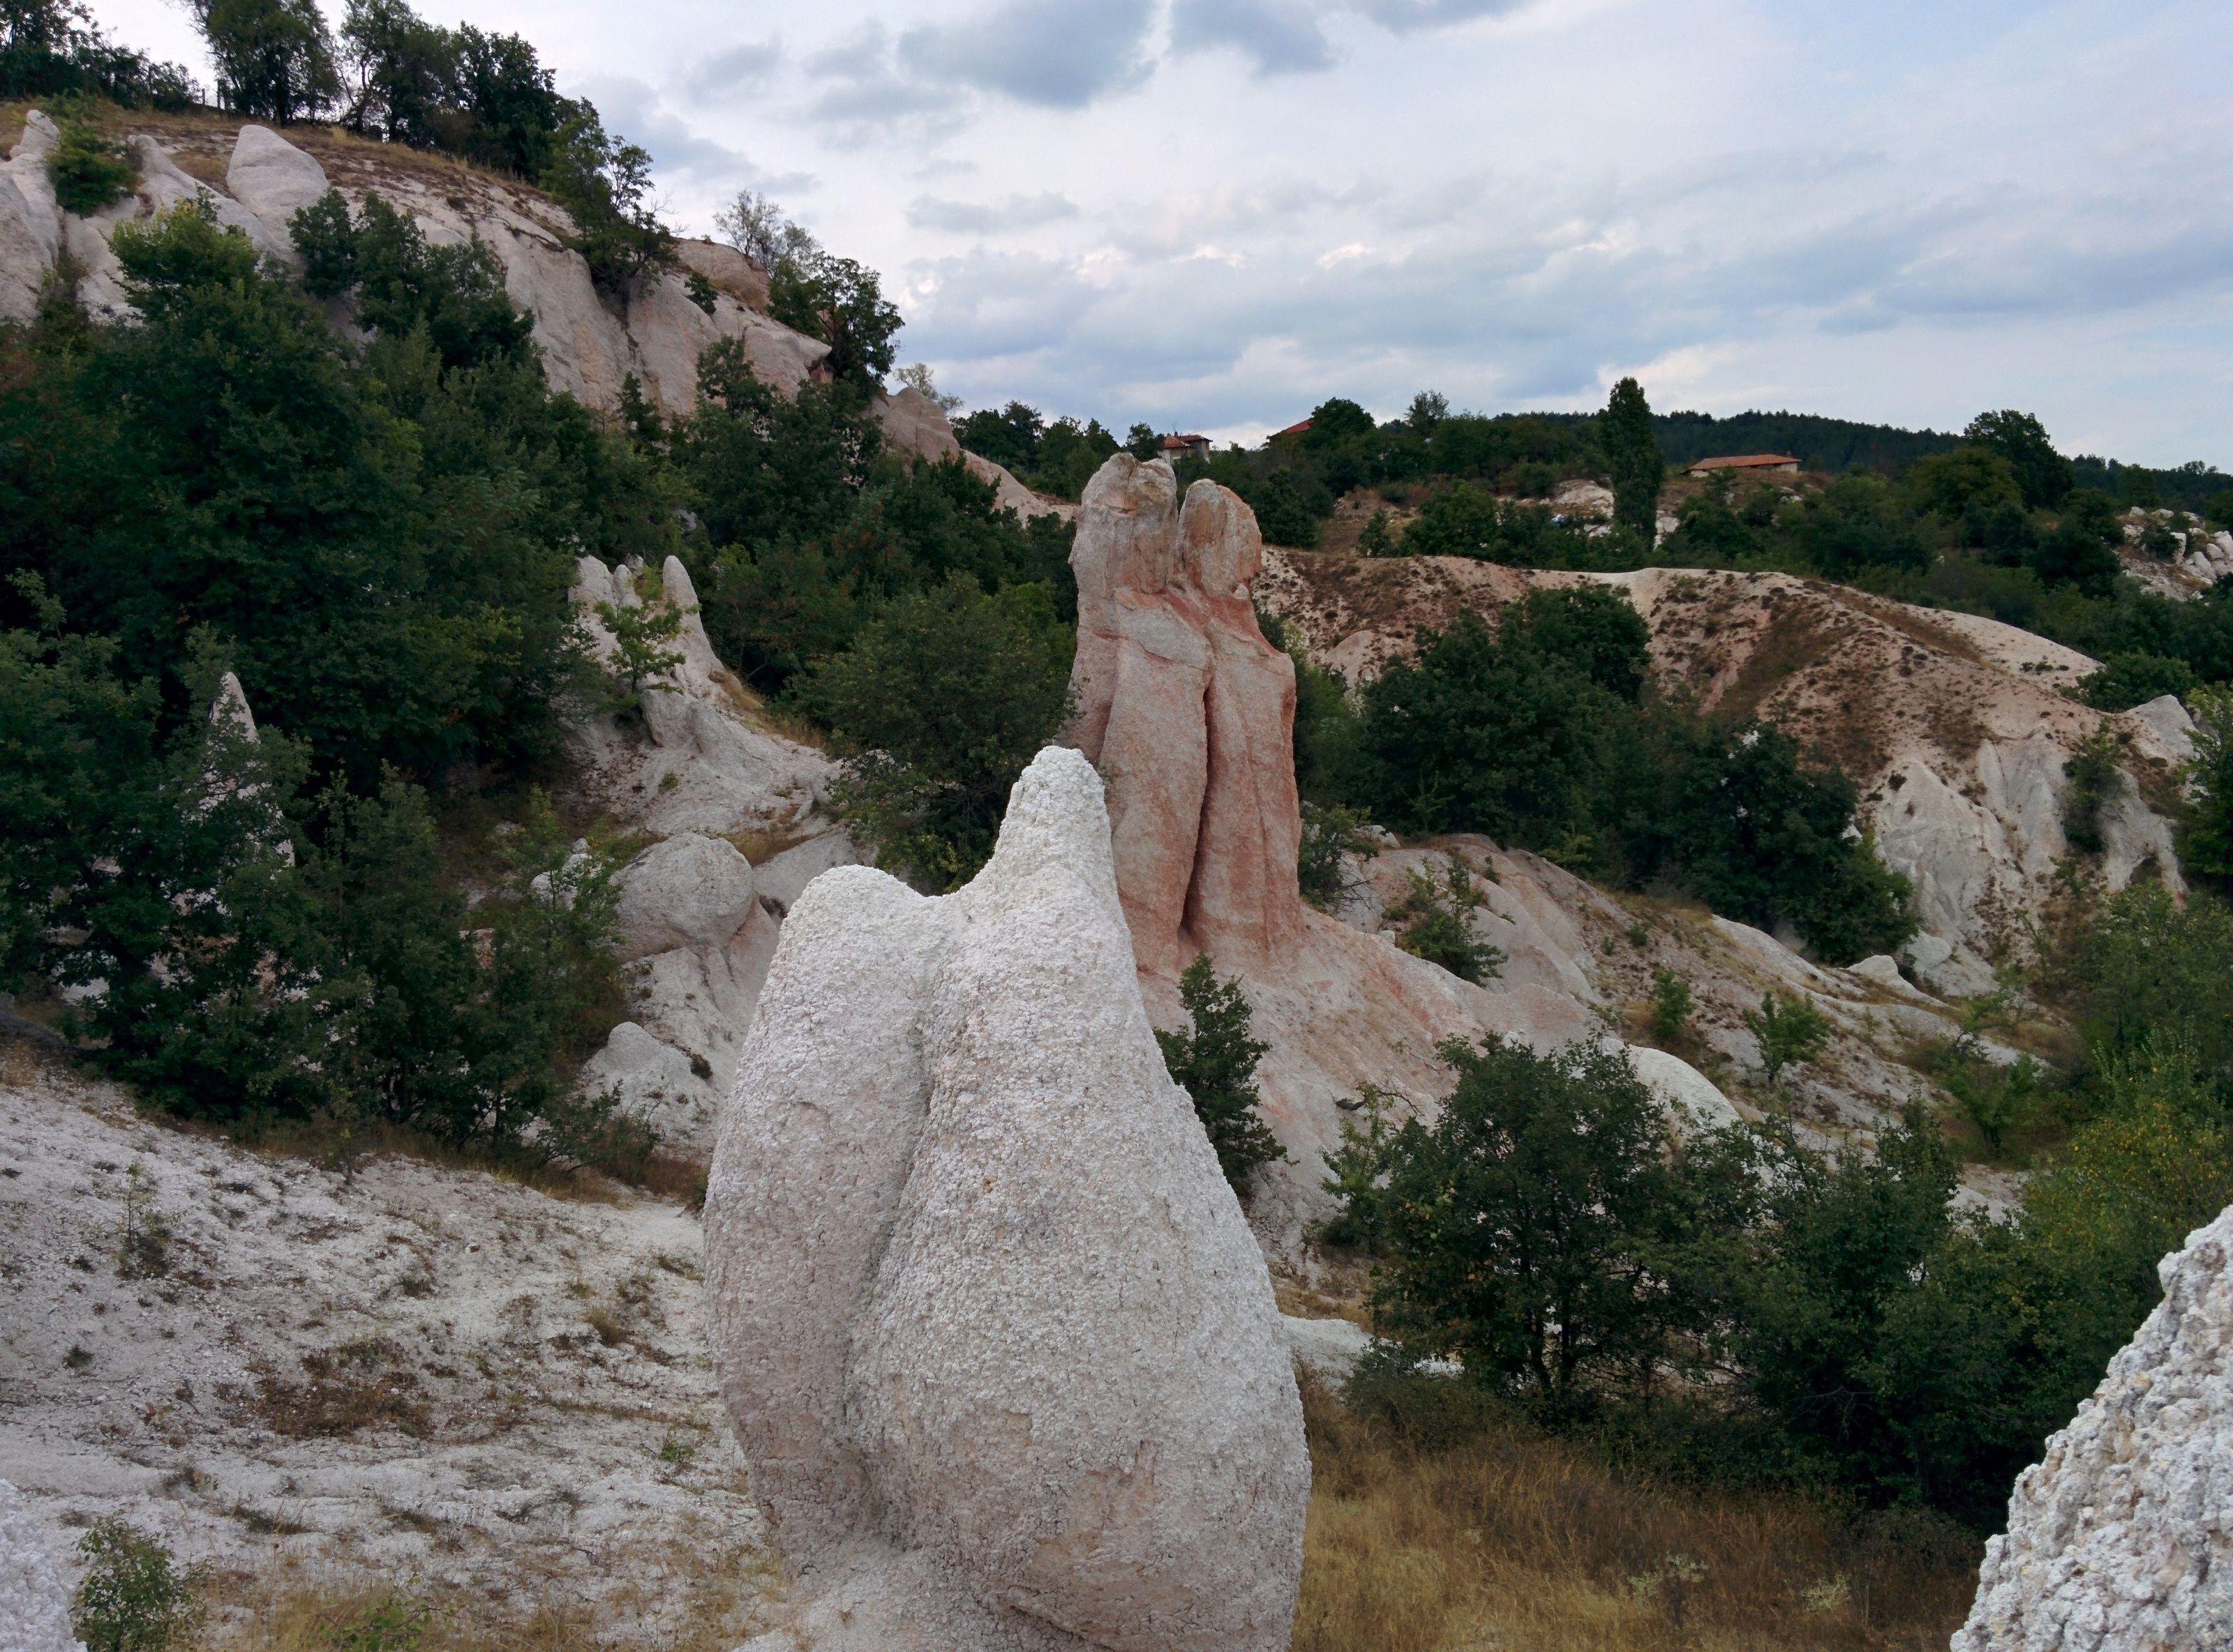 Kamienne wesele, Zimzelen, Bułgaria